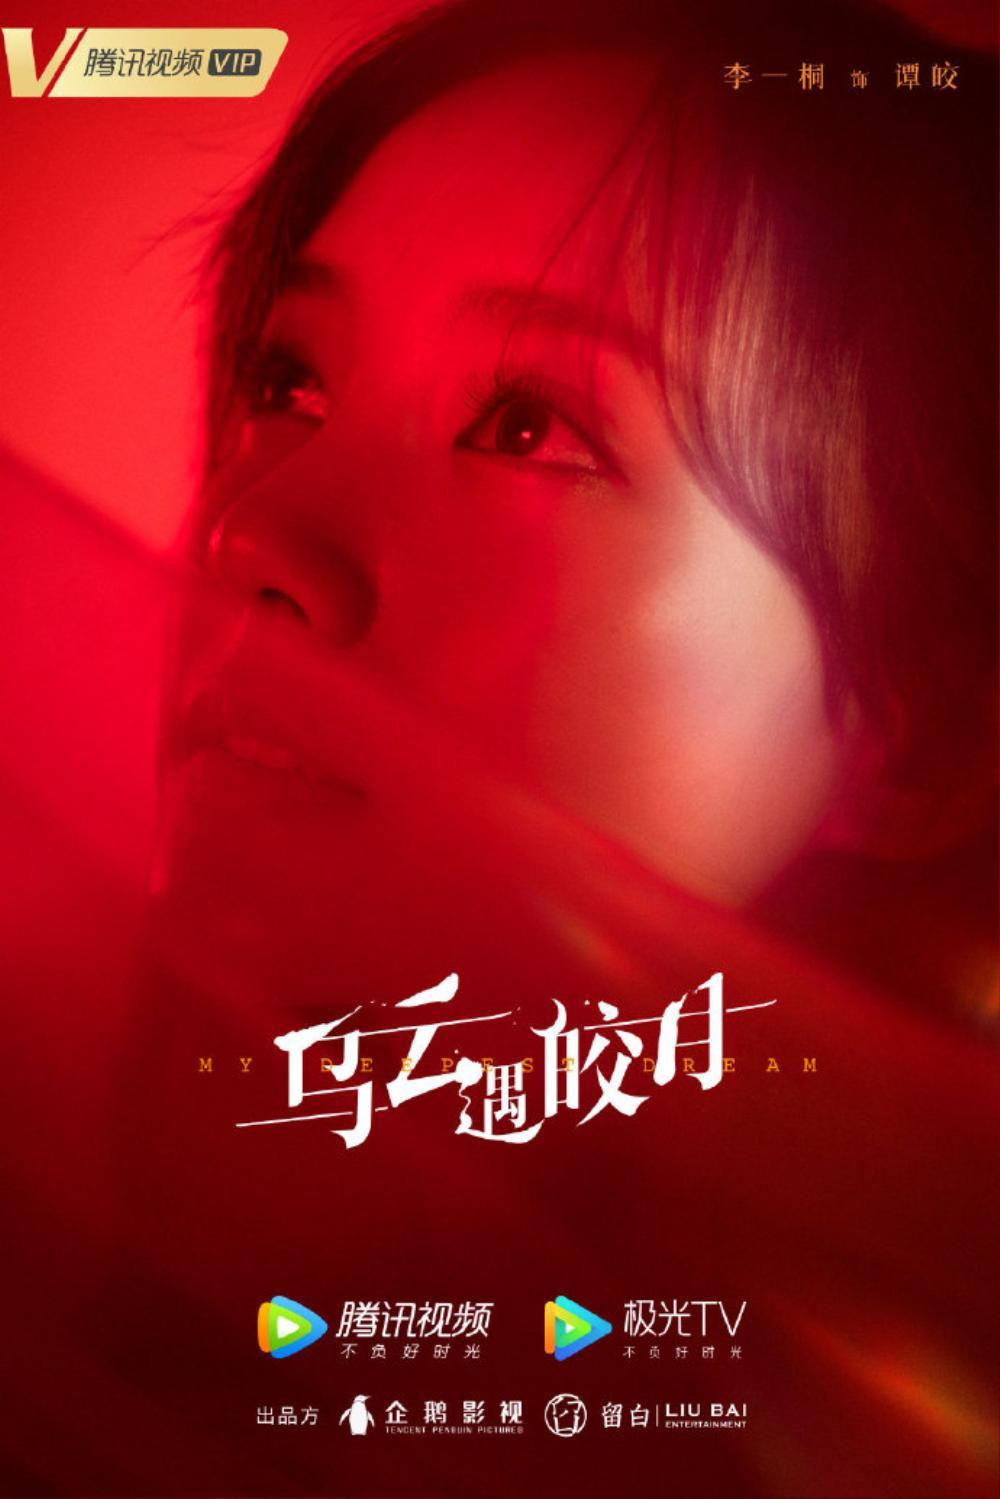 'Mây đen gặp trăng sáng' giới thiệu dàn diễn viên chính qua poster nhân vật đẹp mê li Ảnh 6